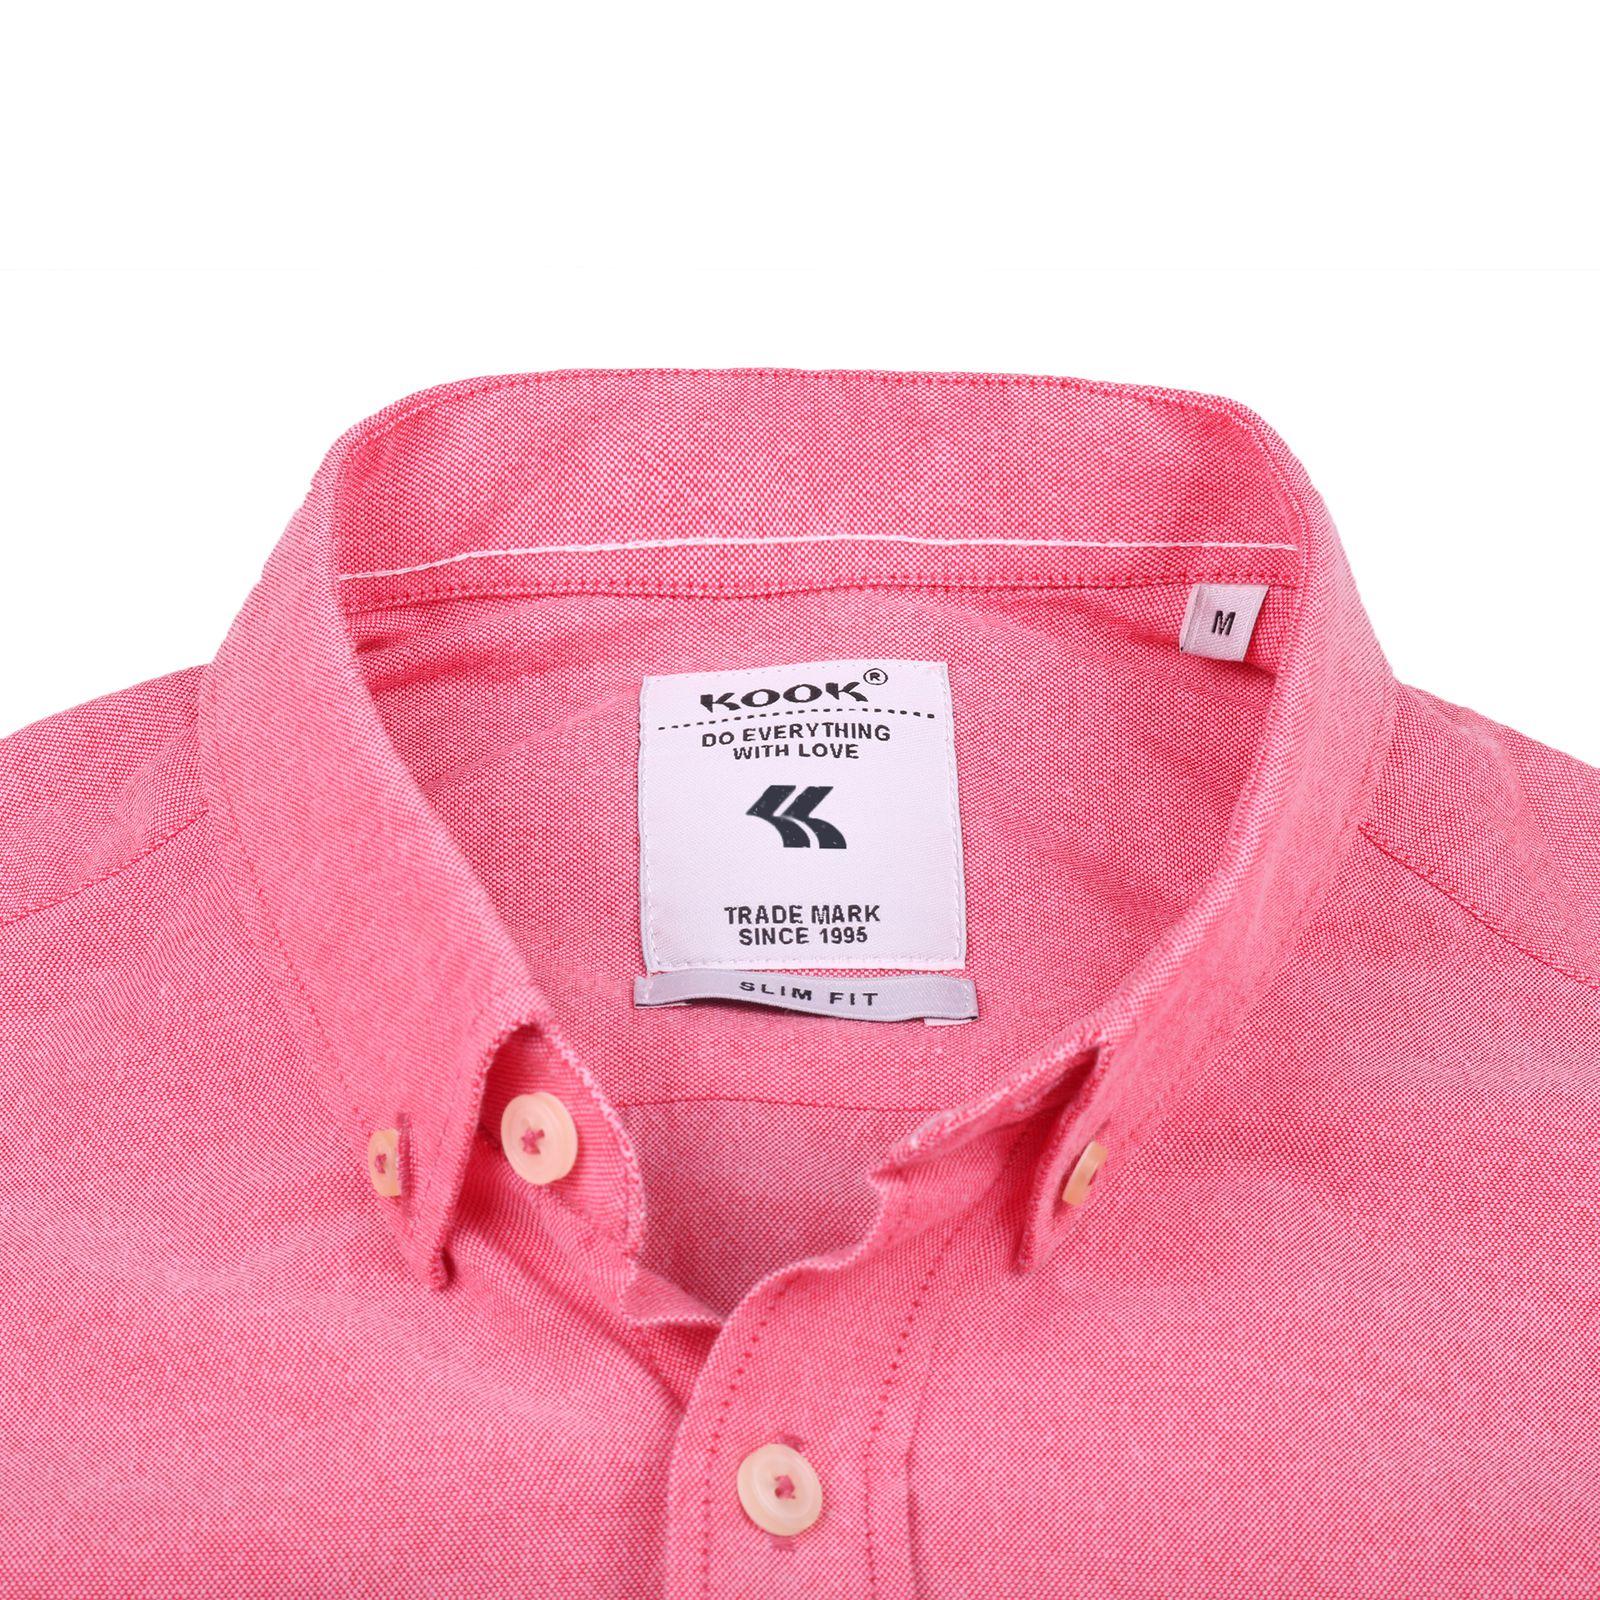 پیراهن مردانه کوک تریکو مدل 61726 -  - 4